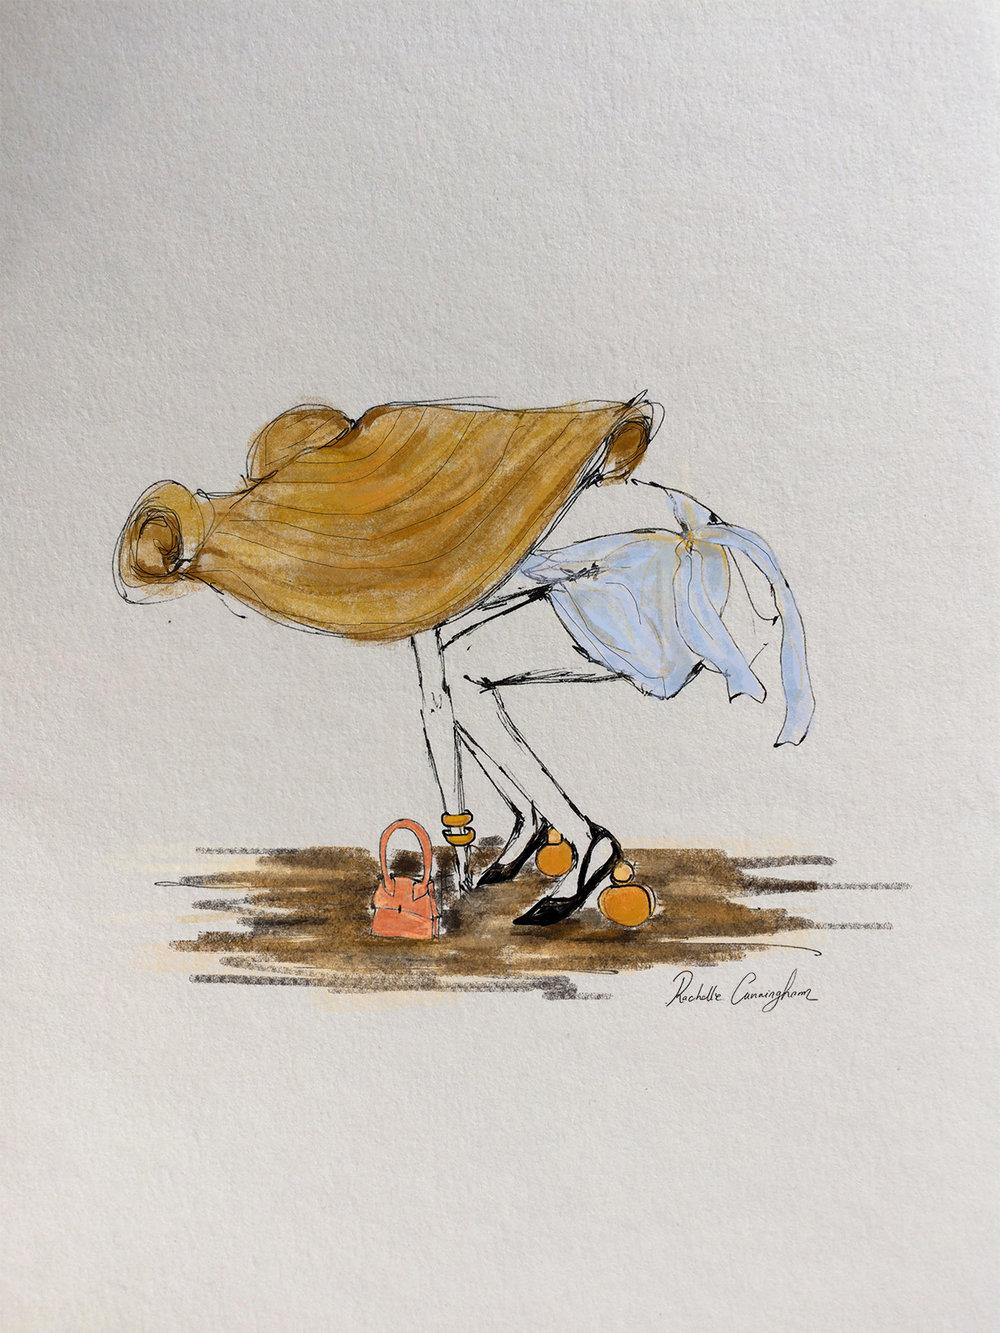 La Bomba. Jacquemus. July '18. Paris. FR   (print available)